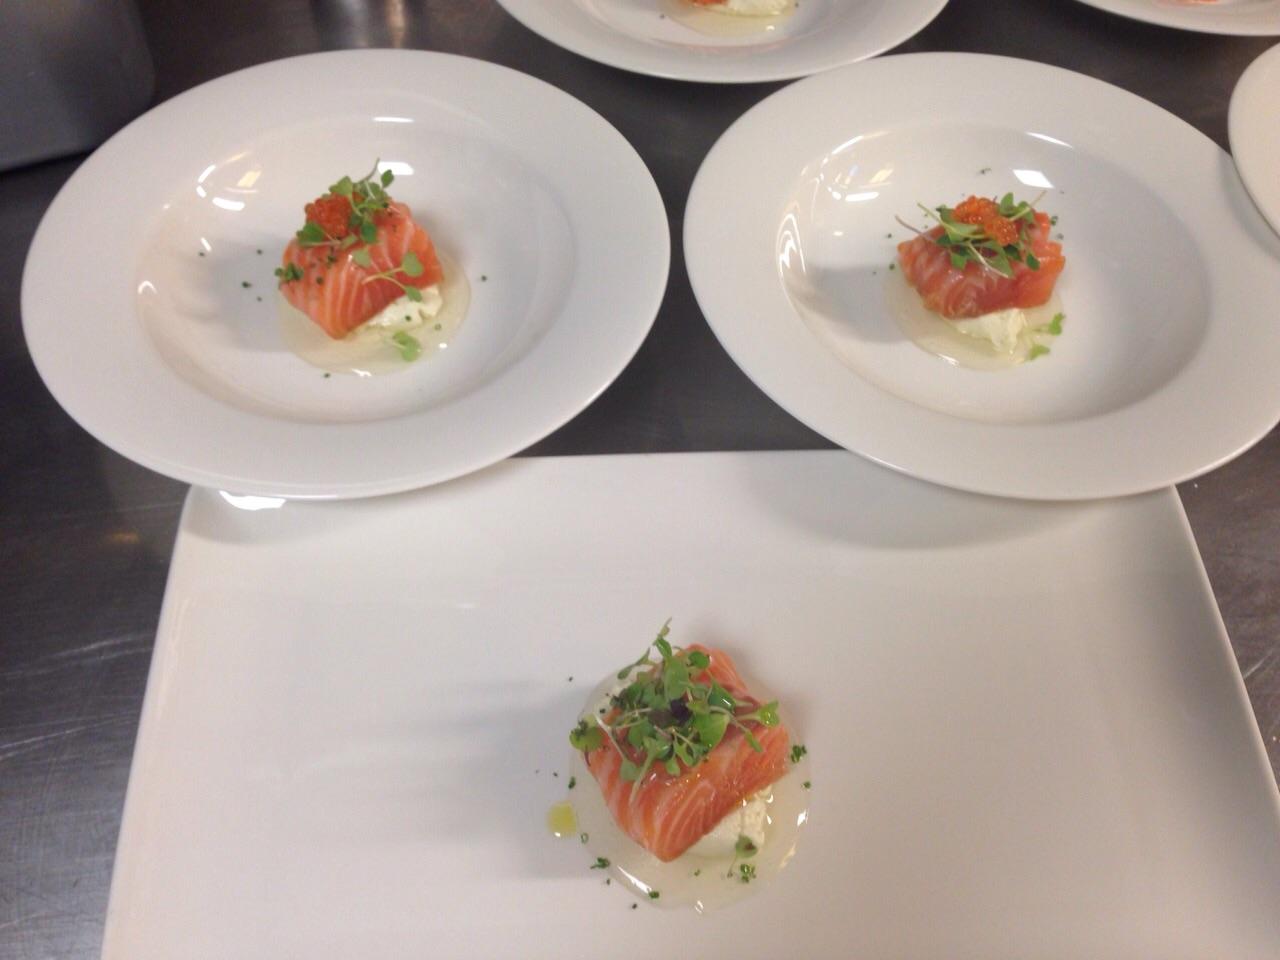 Salmón marinado sobre gel de tomate y mousse de ajo blanco Aizian